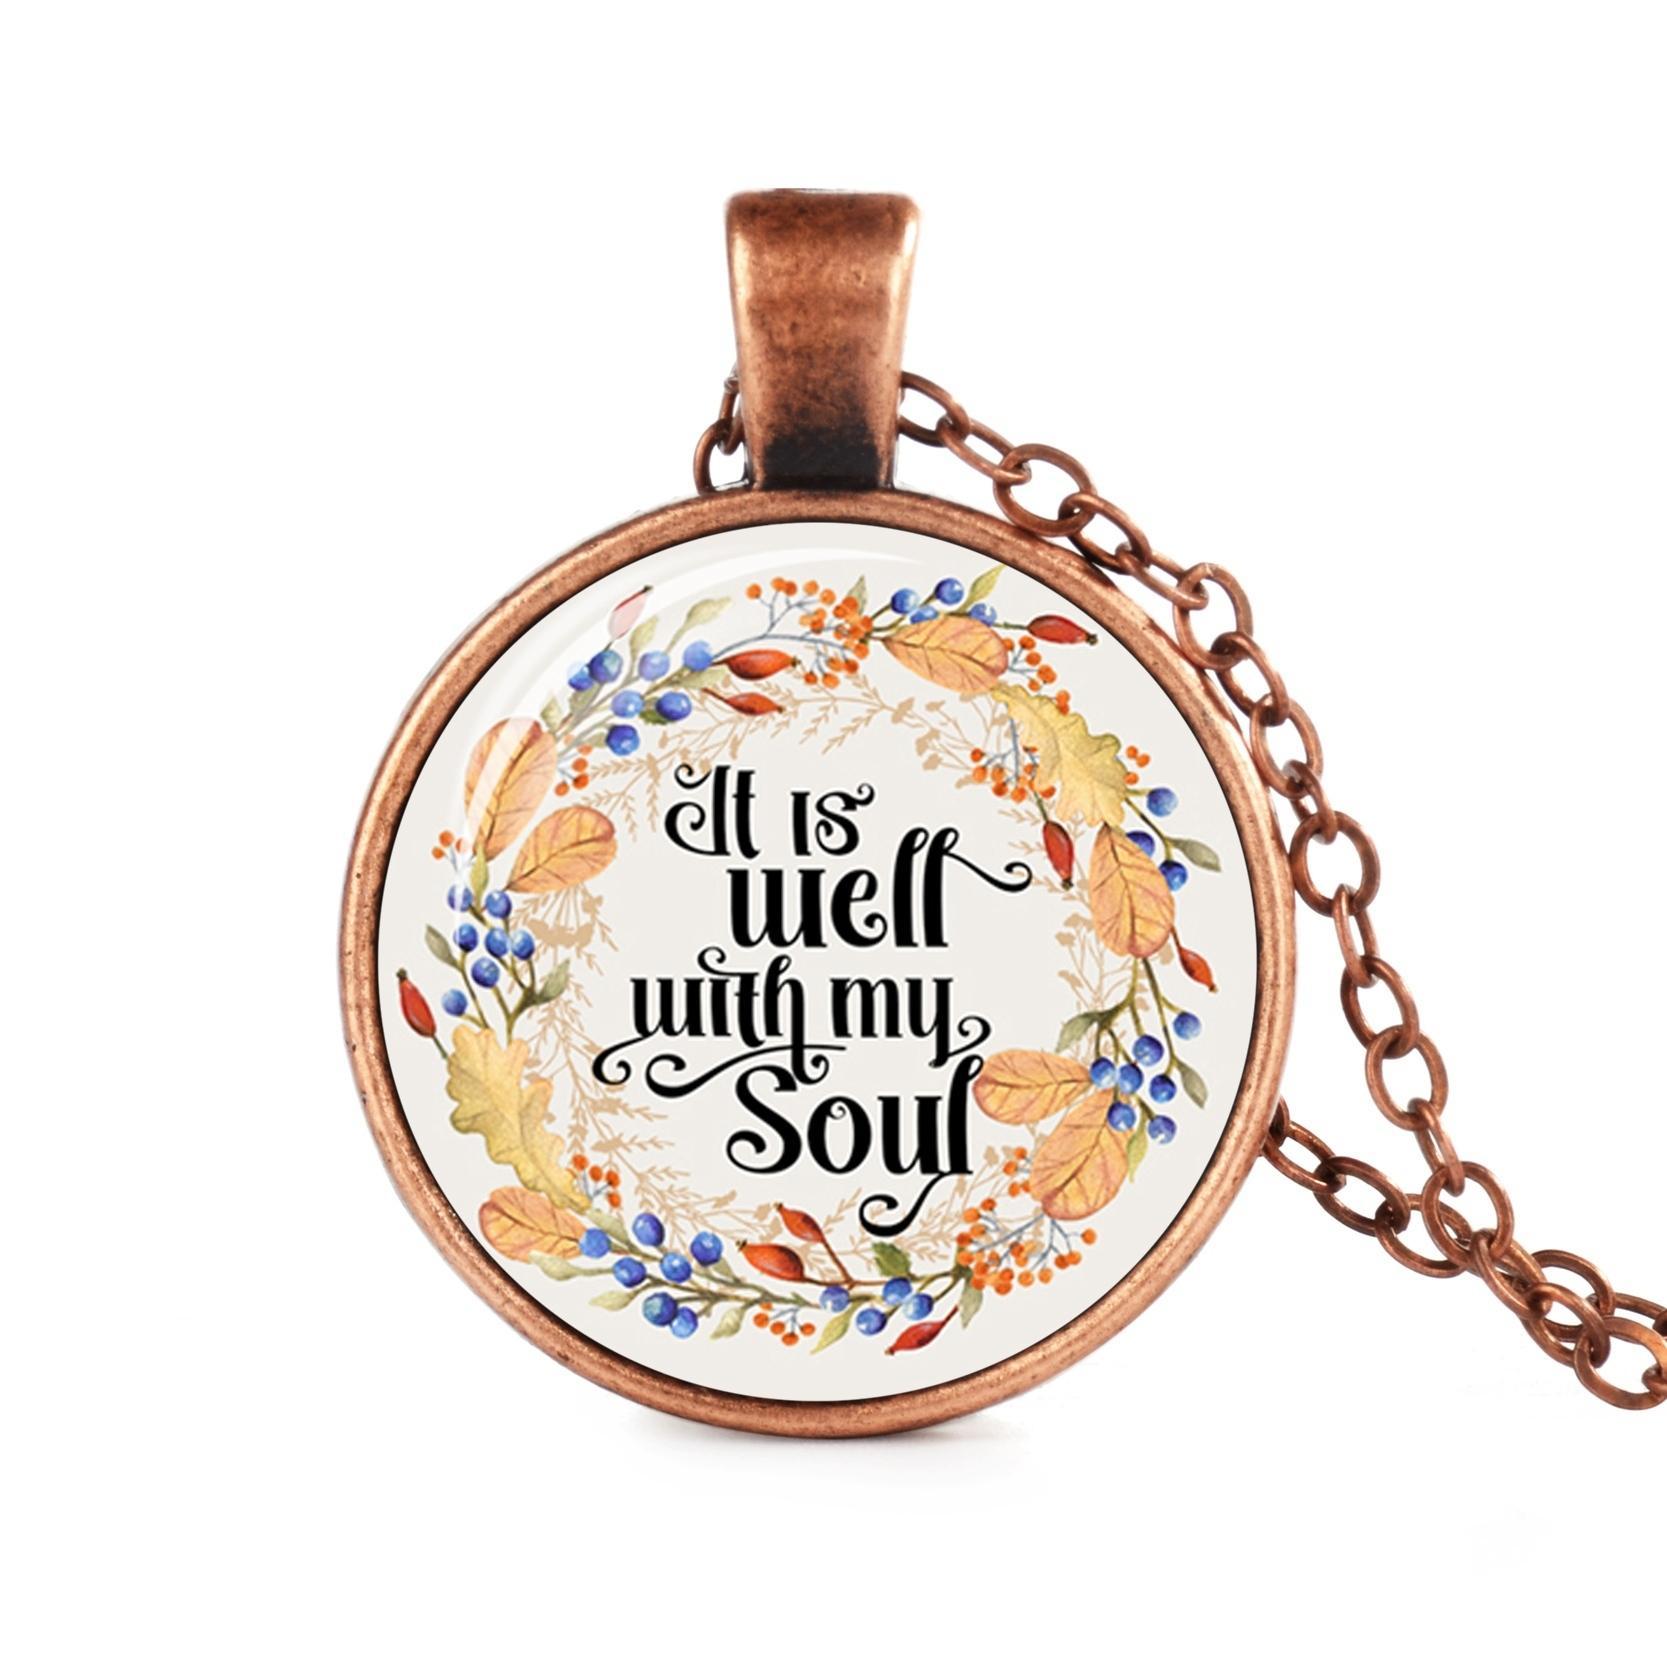 Collana con versetto della bibbia La mia pace, ti do la cupola Collana di vetro Citazione Christian Fashion Faith Hope Gioielli Regali per le donne